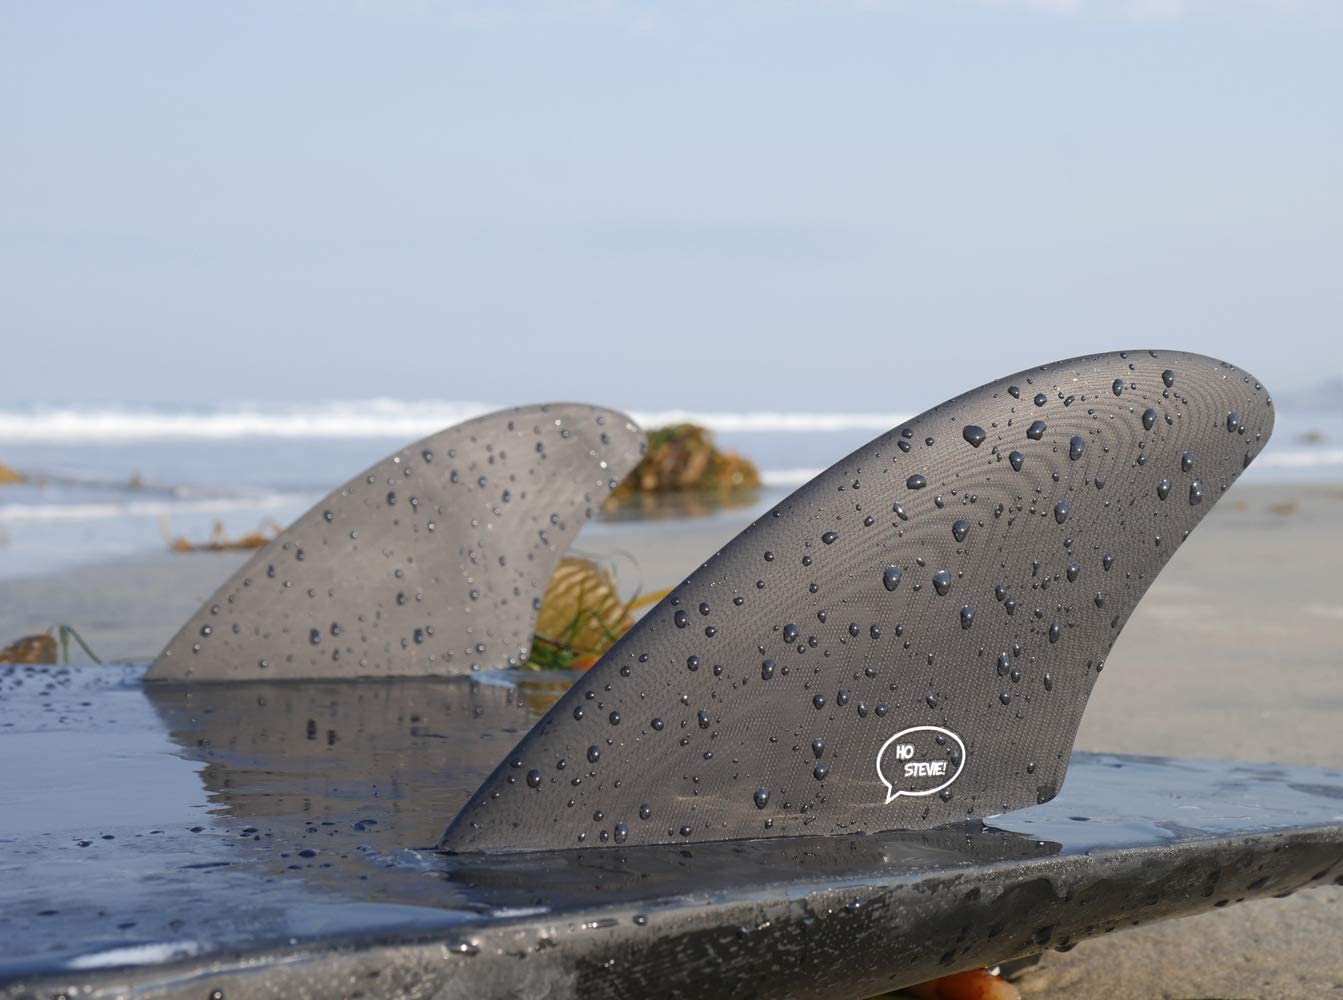 Ho Stevie! Surfboard Twin Fins, Keel Fins (2 Finnen)